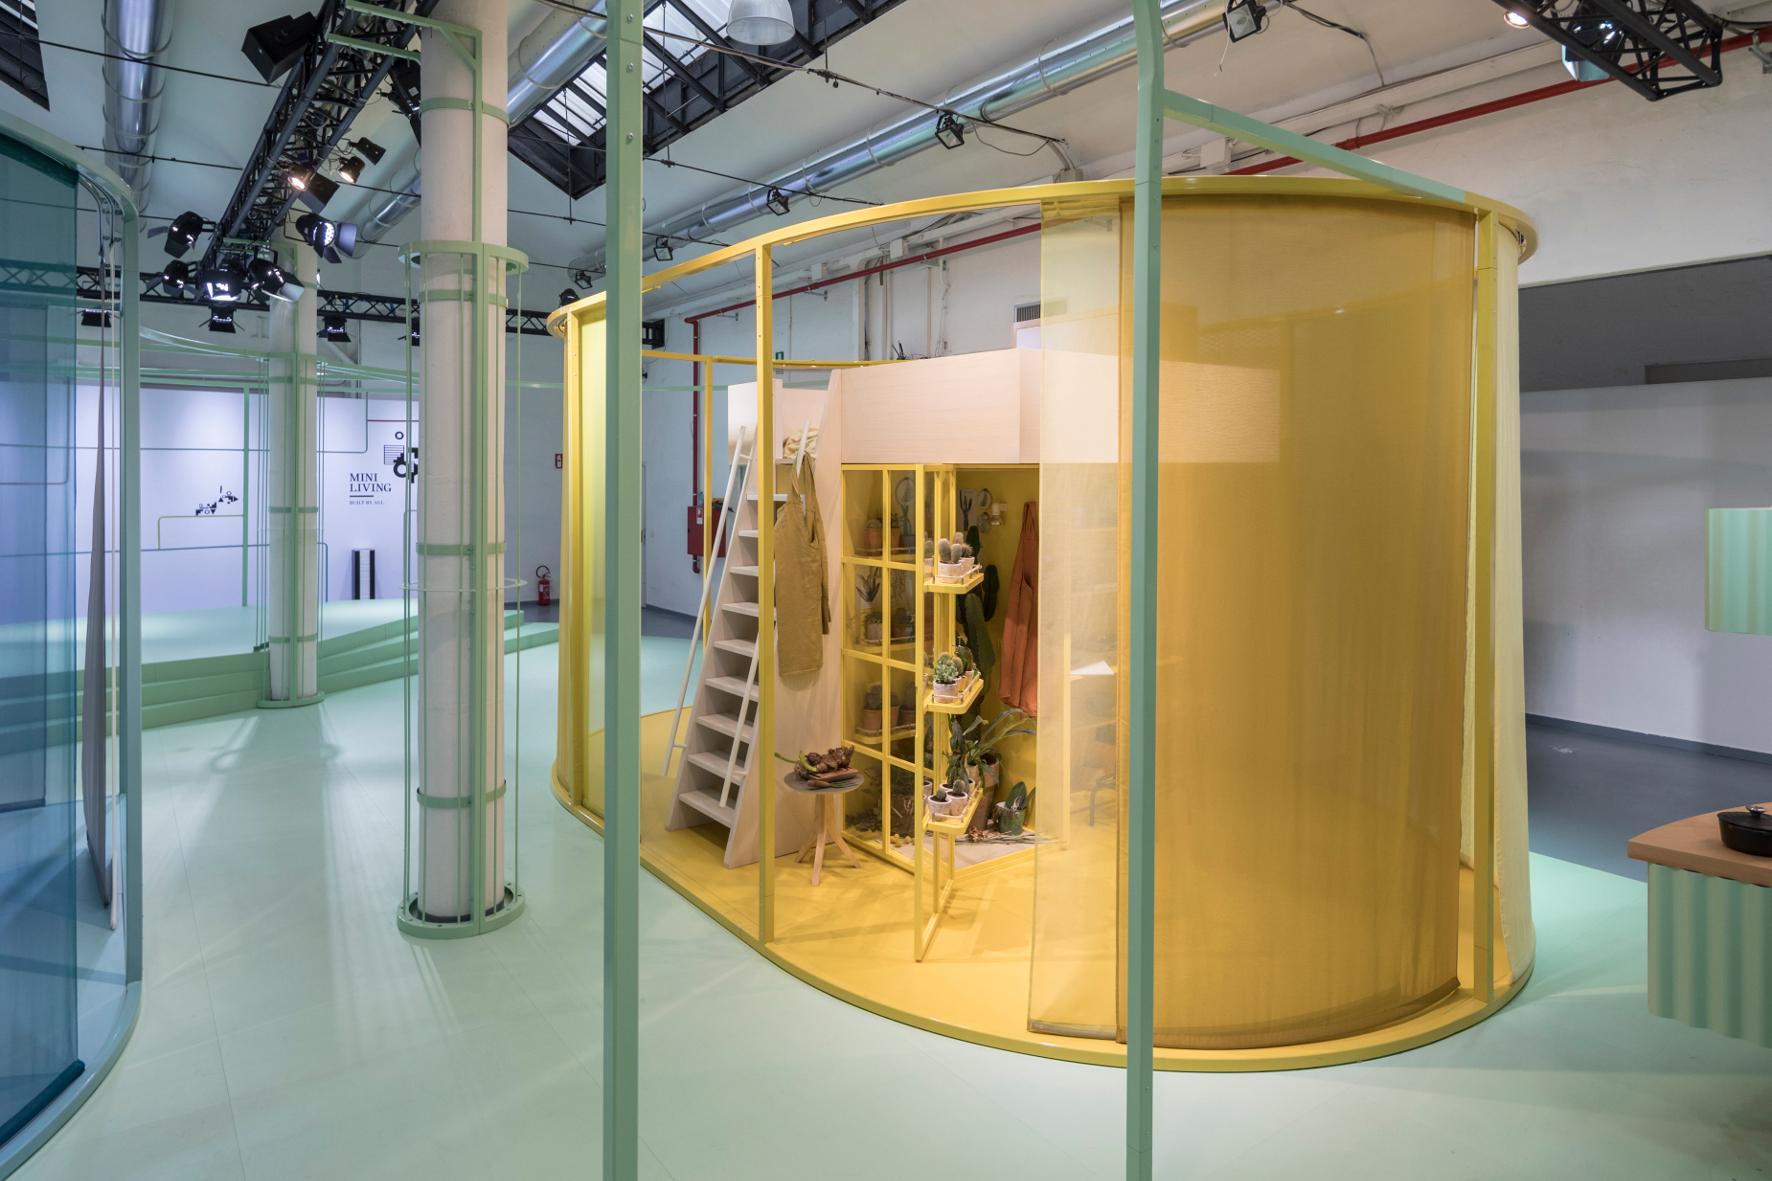 """Autobauer präsentierte in Mailand urbanes Wohnkonzept: """"Mini Living – Built by all"""""""